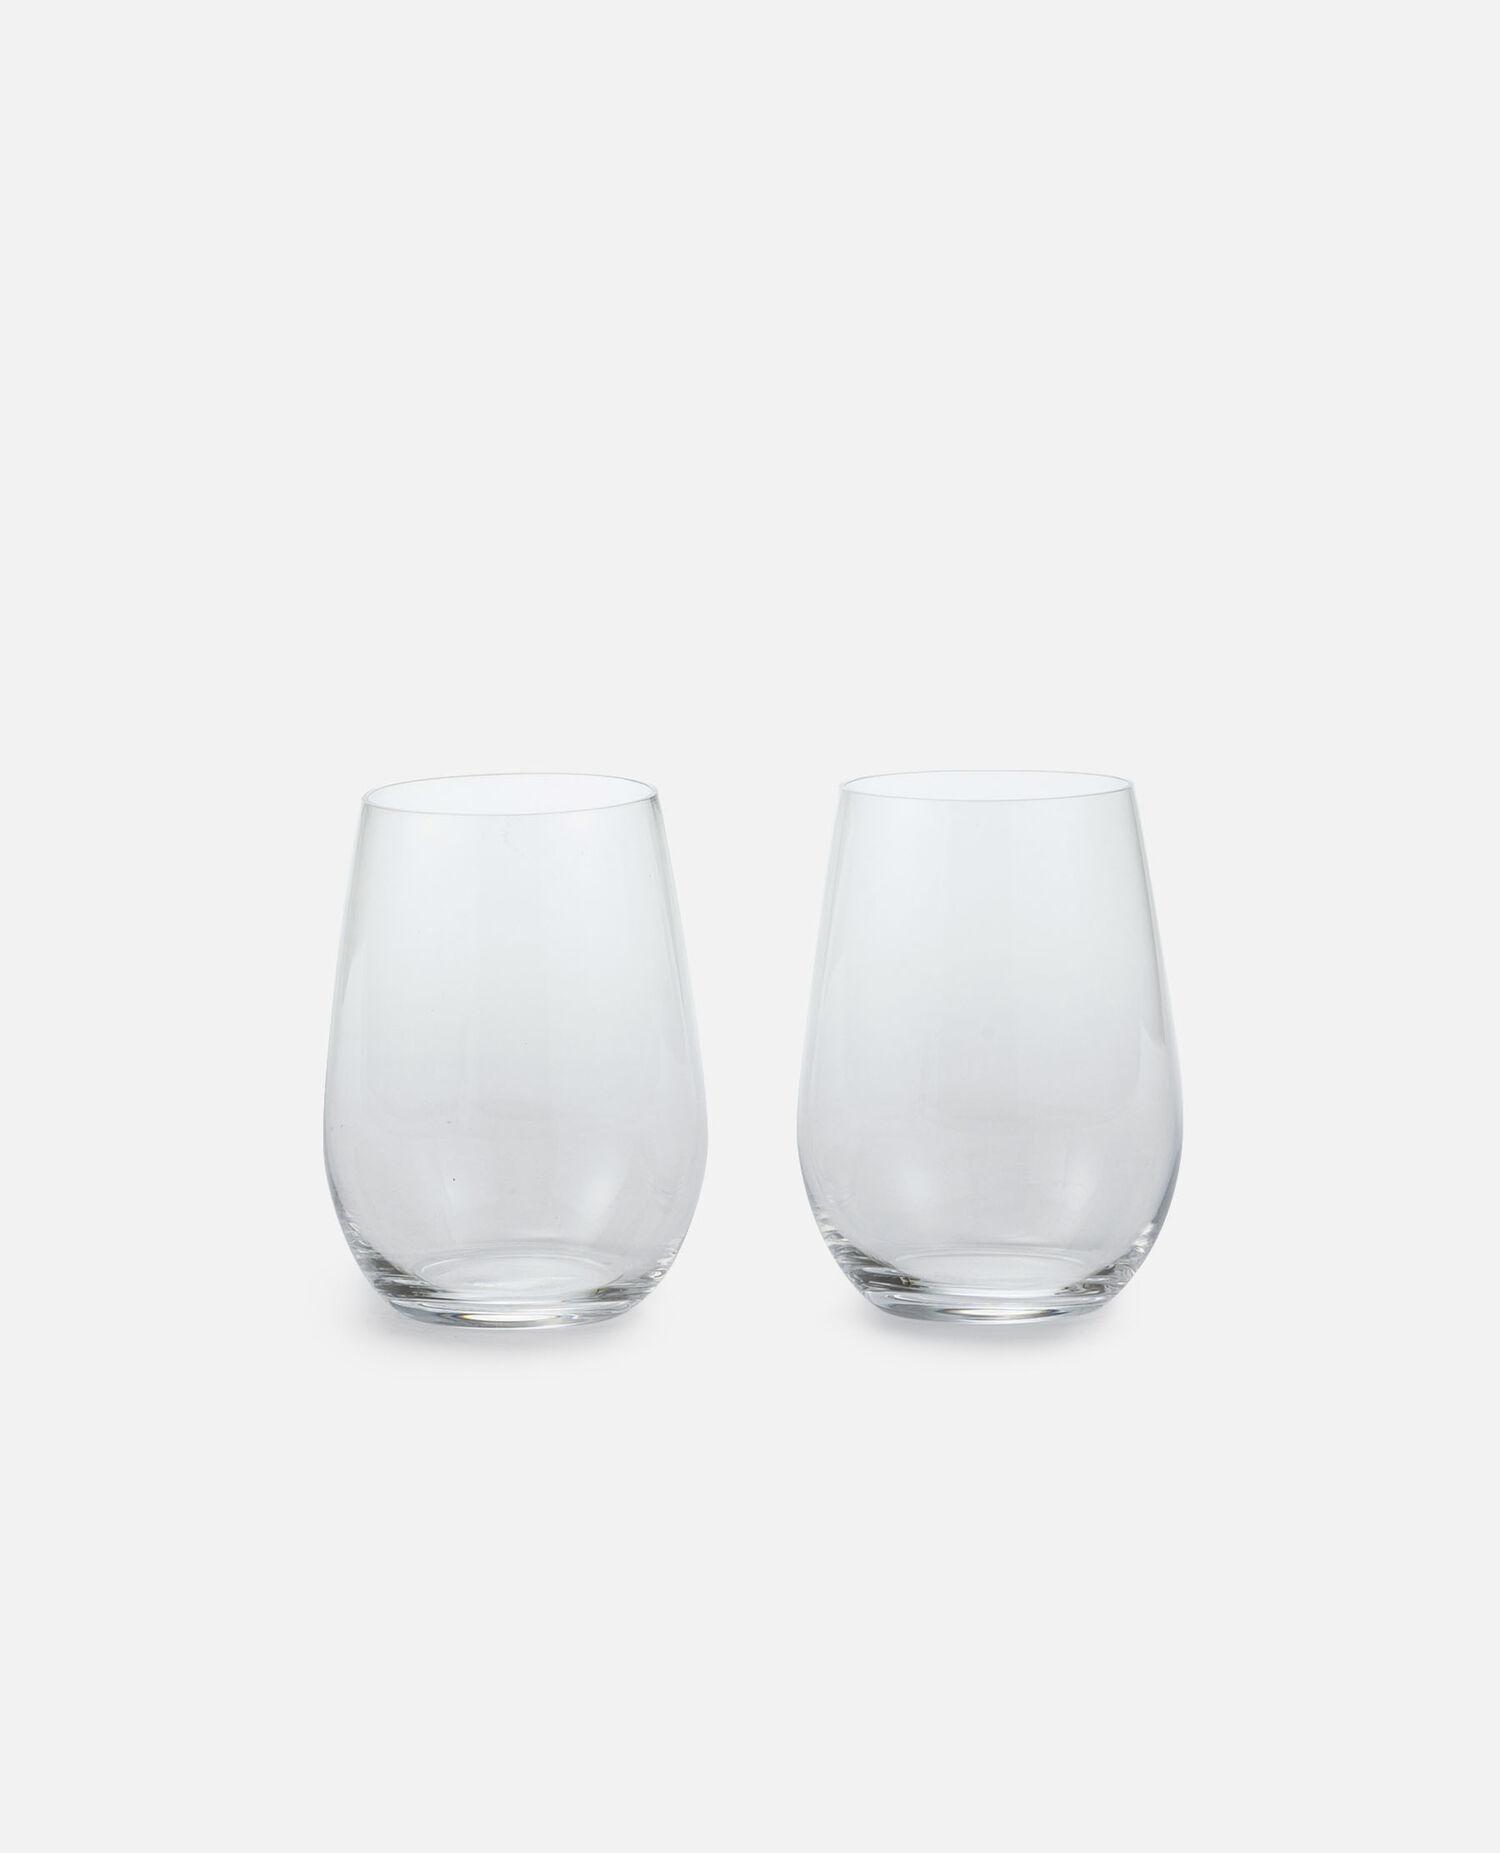 リーデル・オー 大吟醸オー/酒テイスター ペア